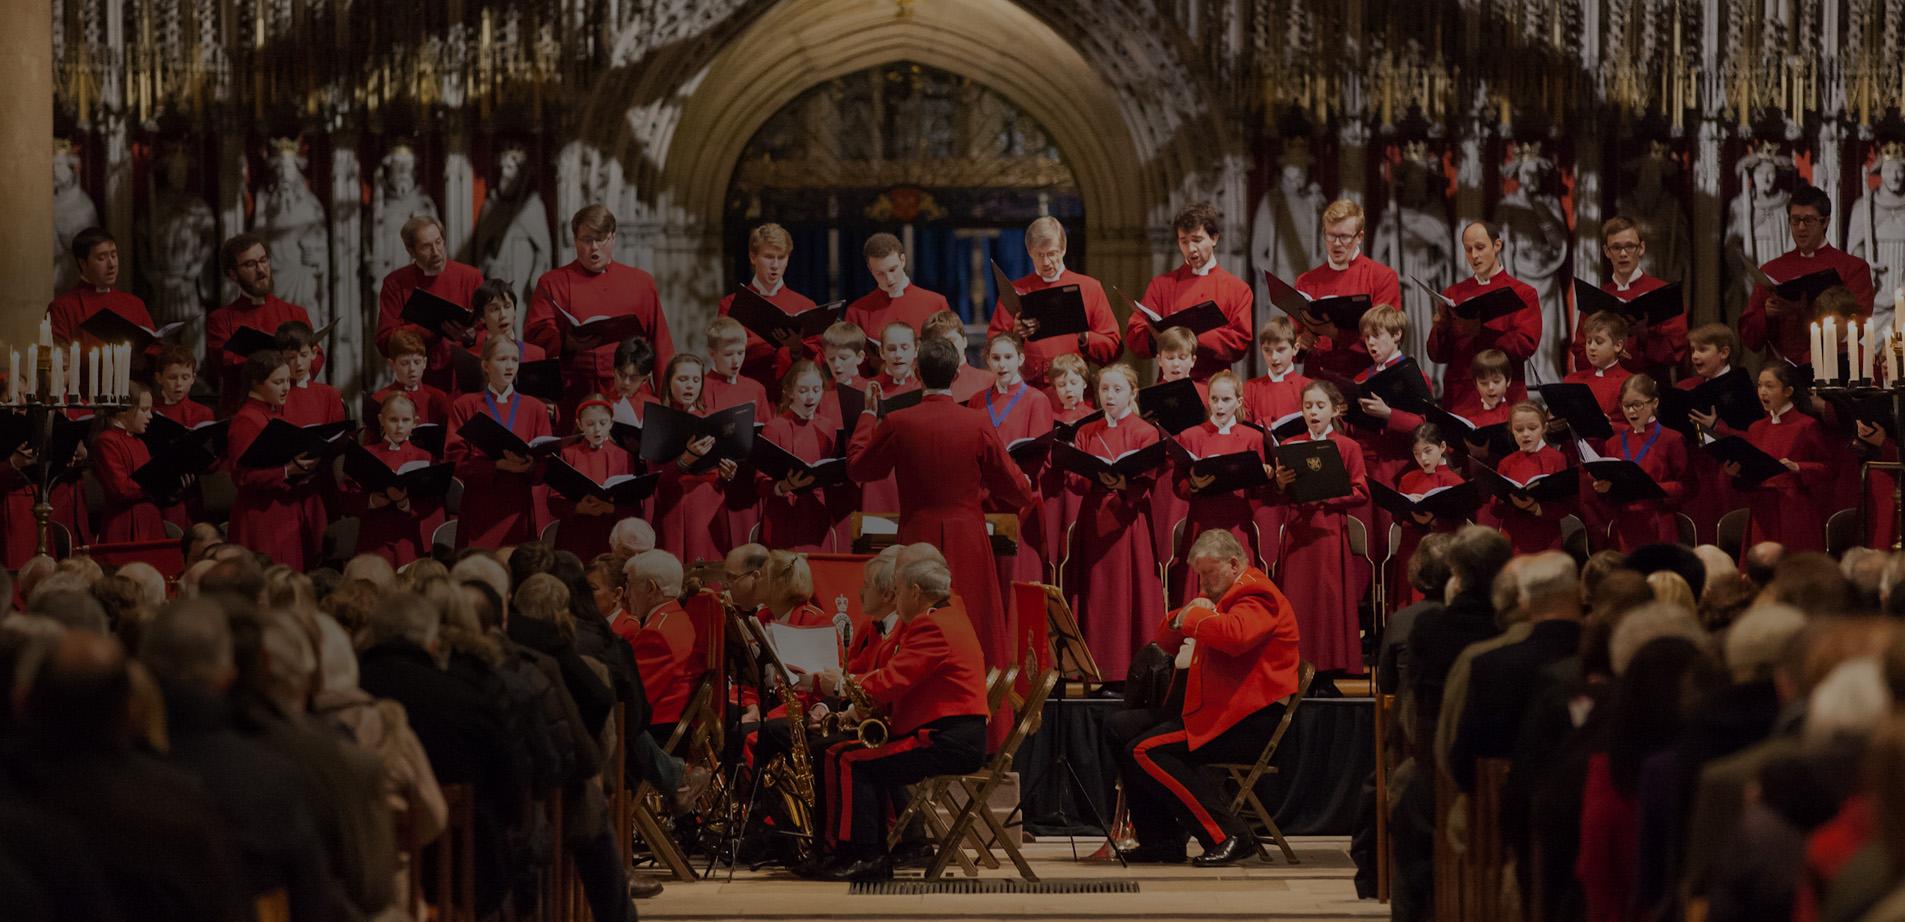 York Minster Carol Concerts